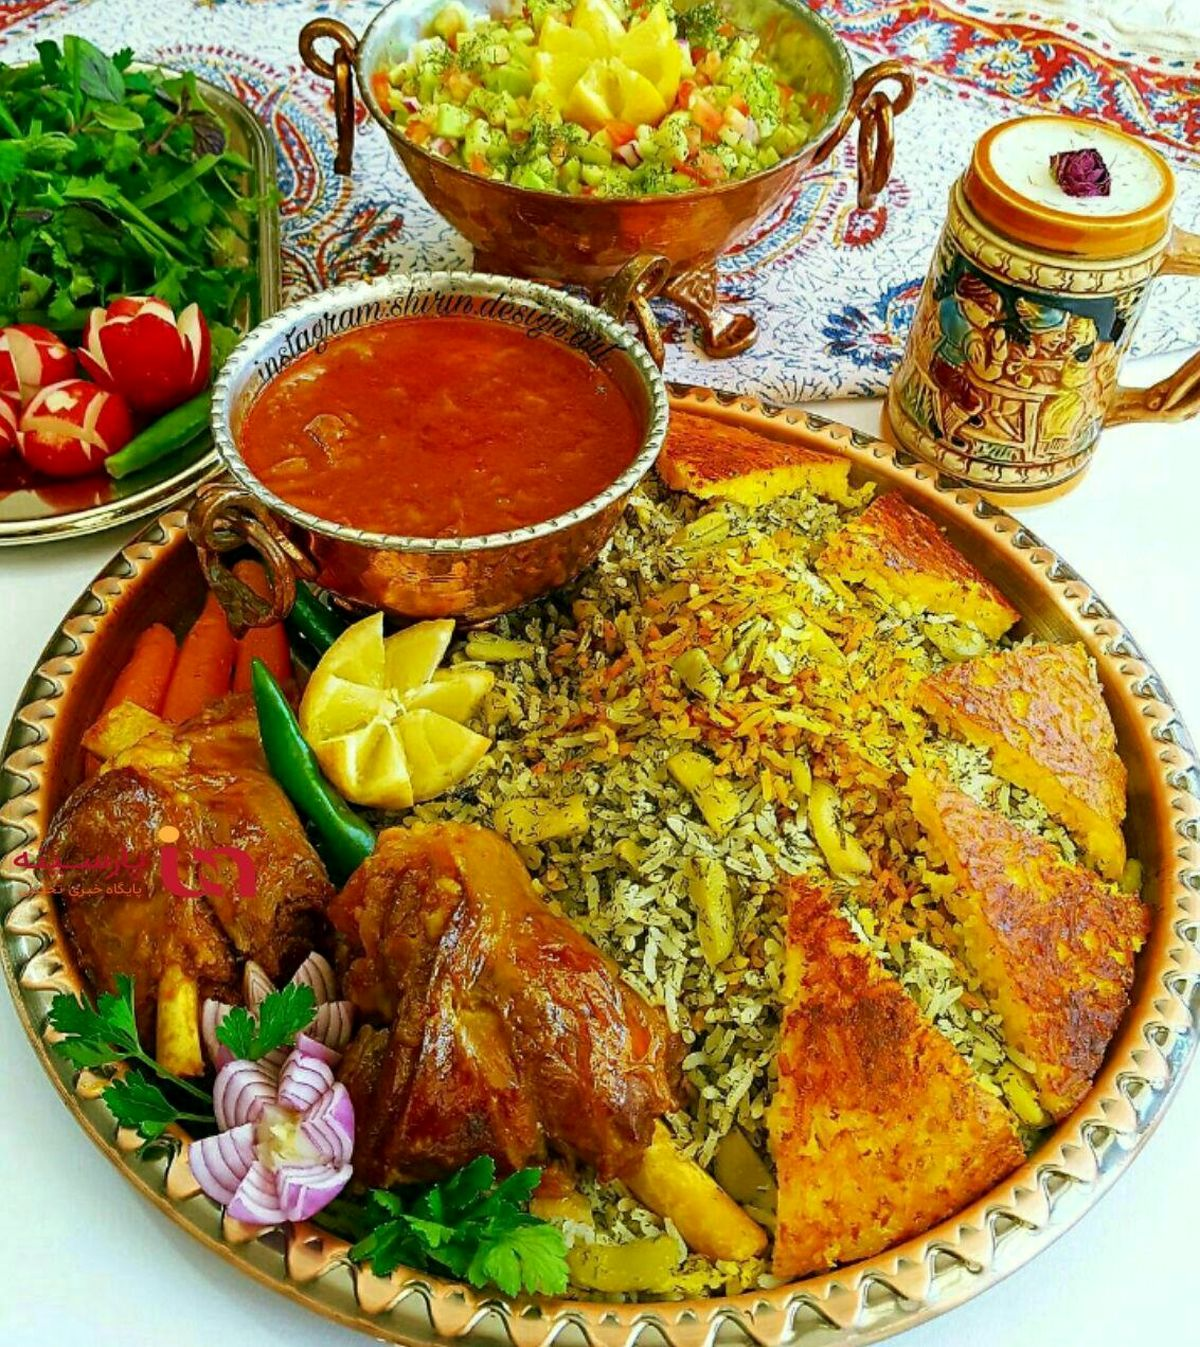 طرز تهیه باقالی پلو به سبک ایرانی اصیل